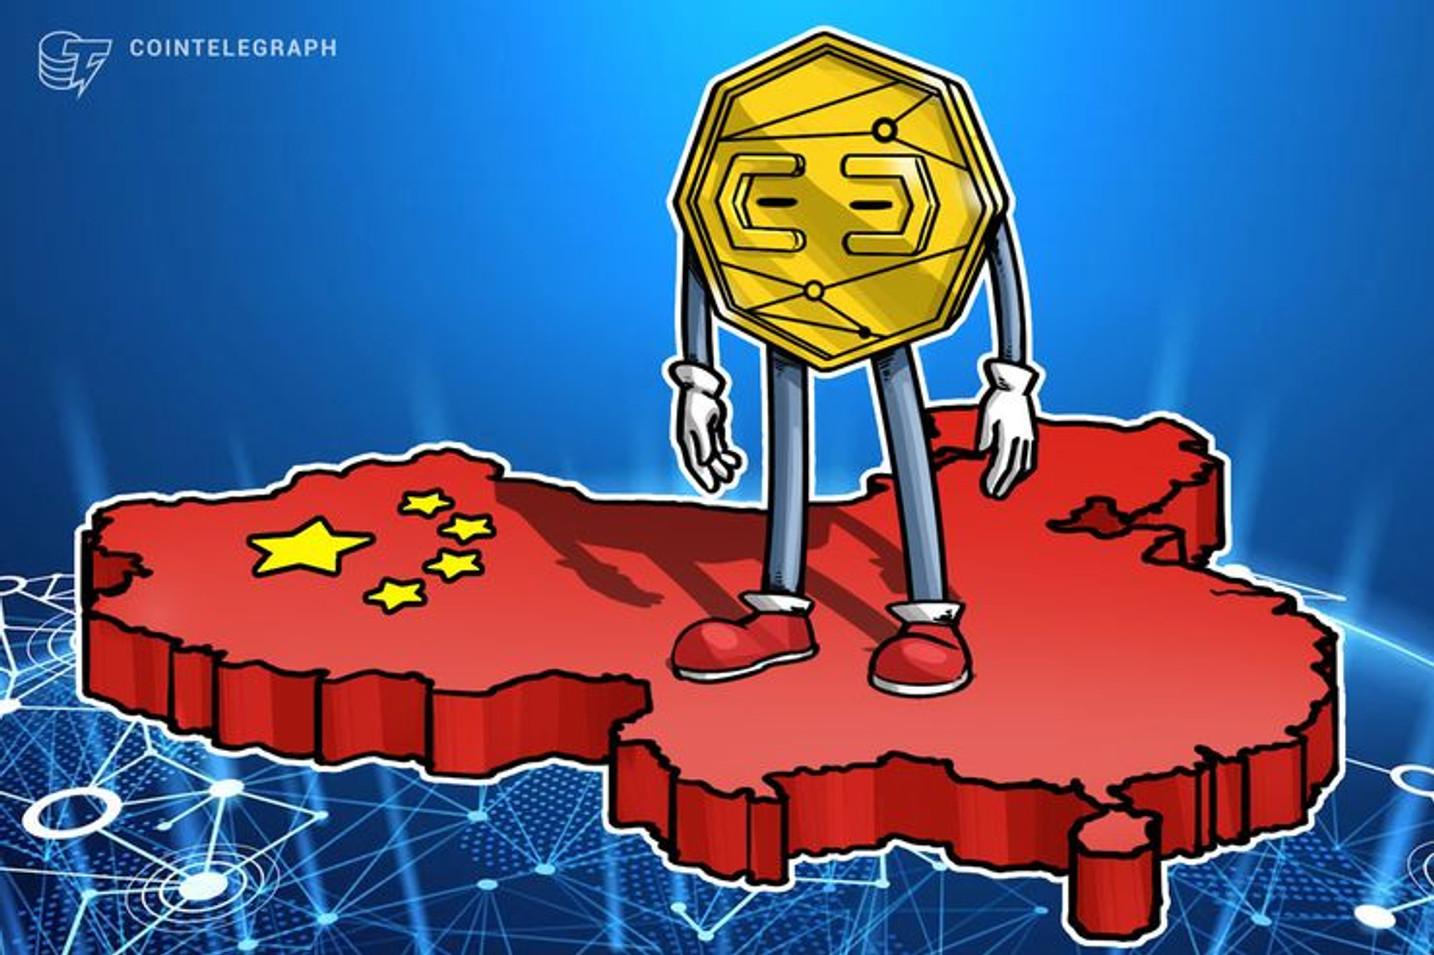 中国の雄安新区、ブロックチェーン促進でコンセンシスと覚書締結